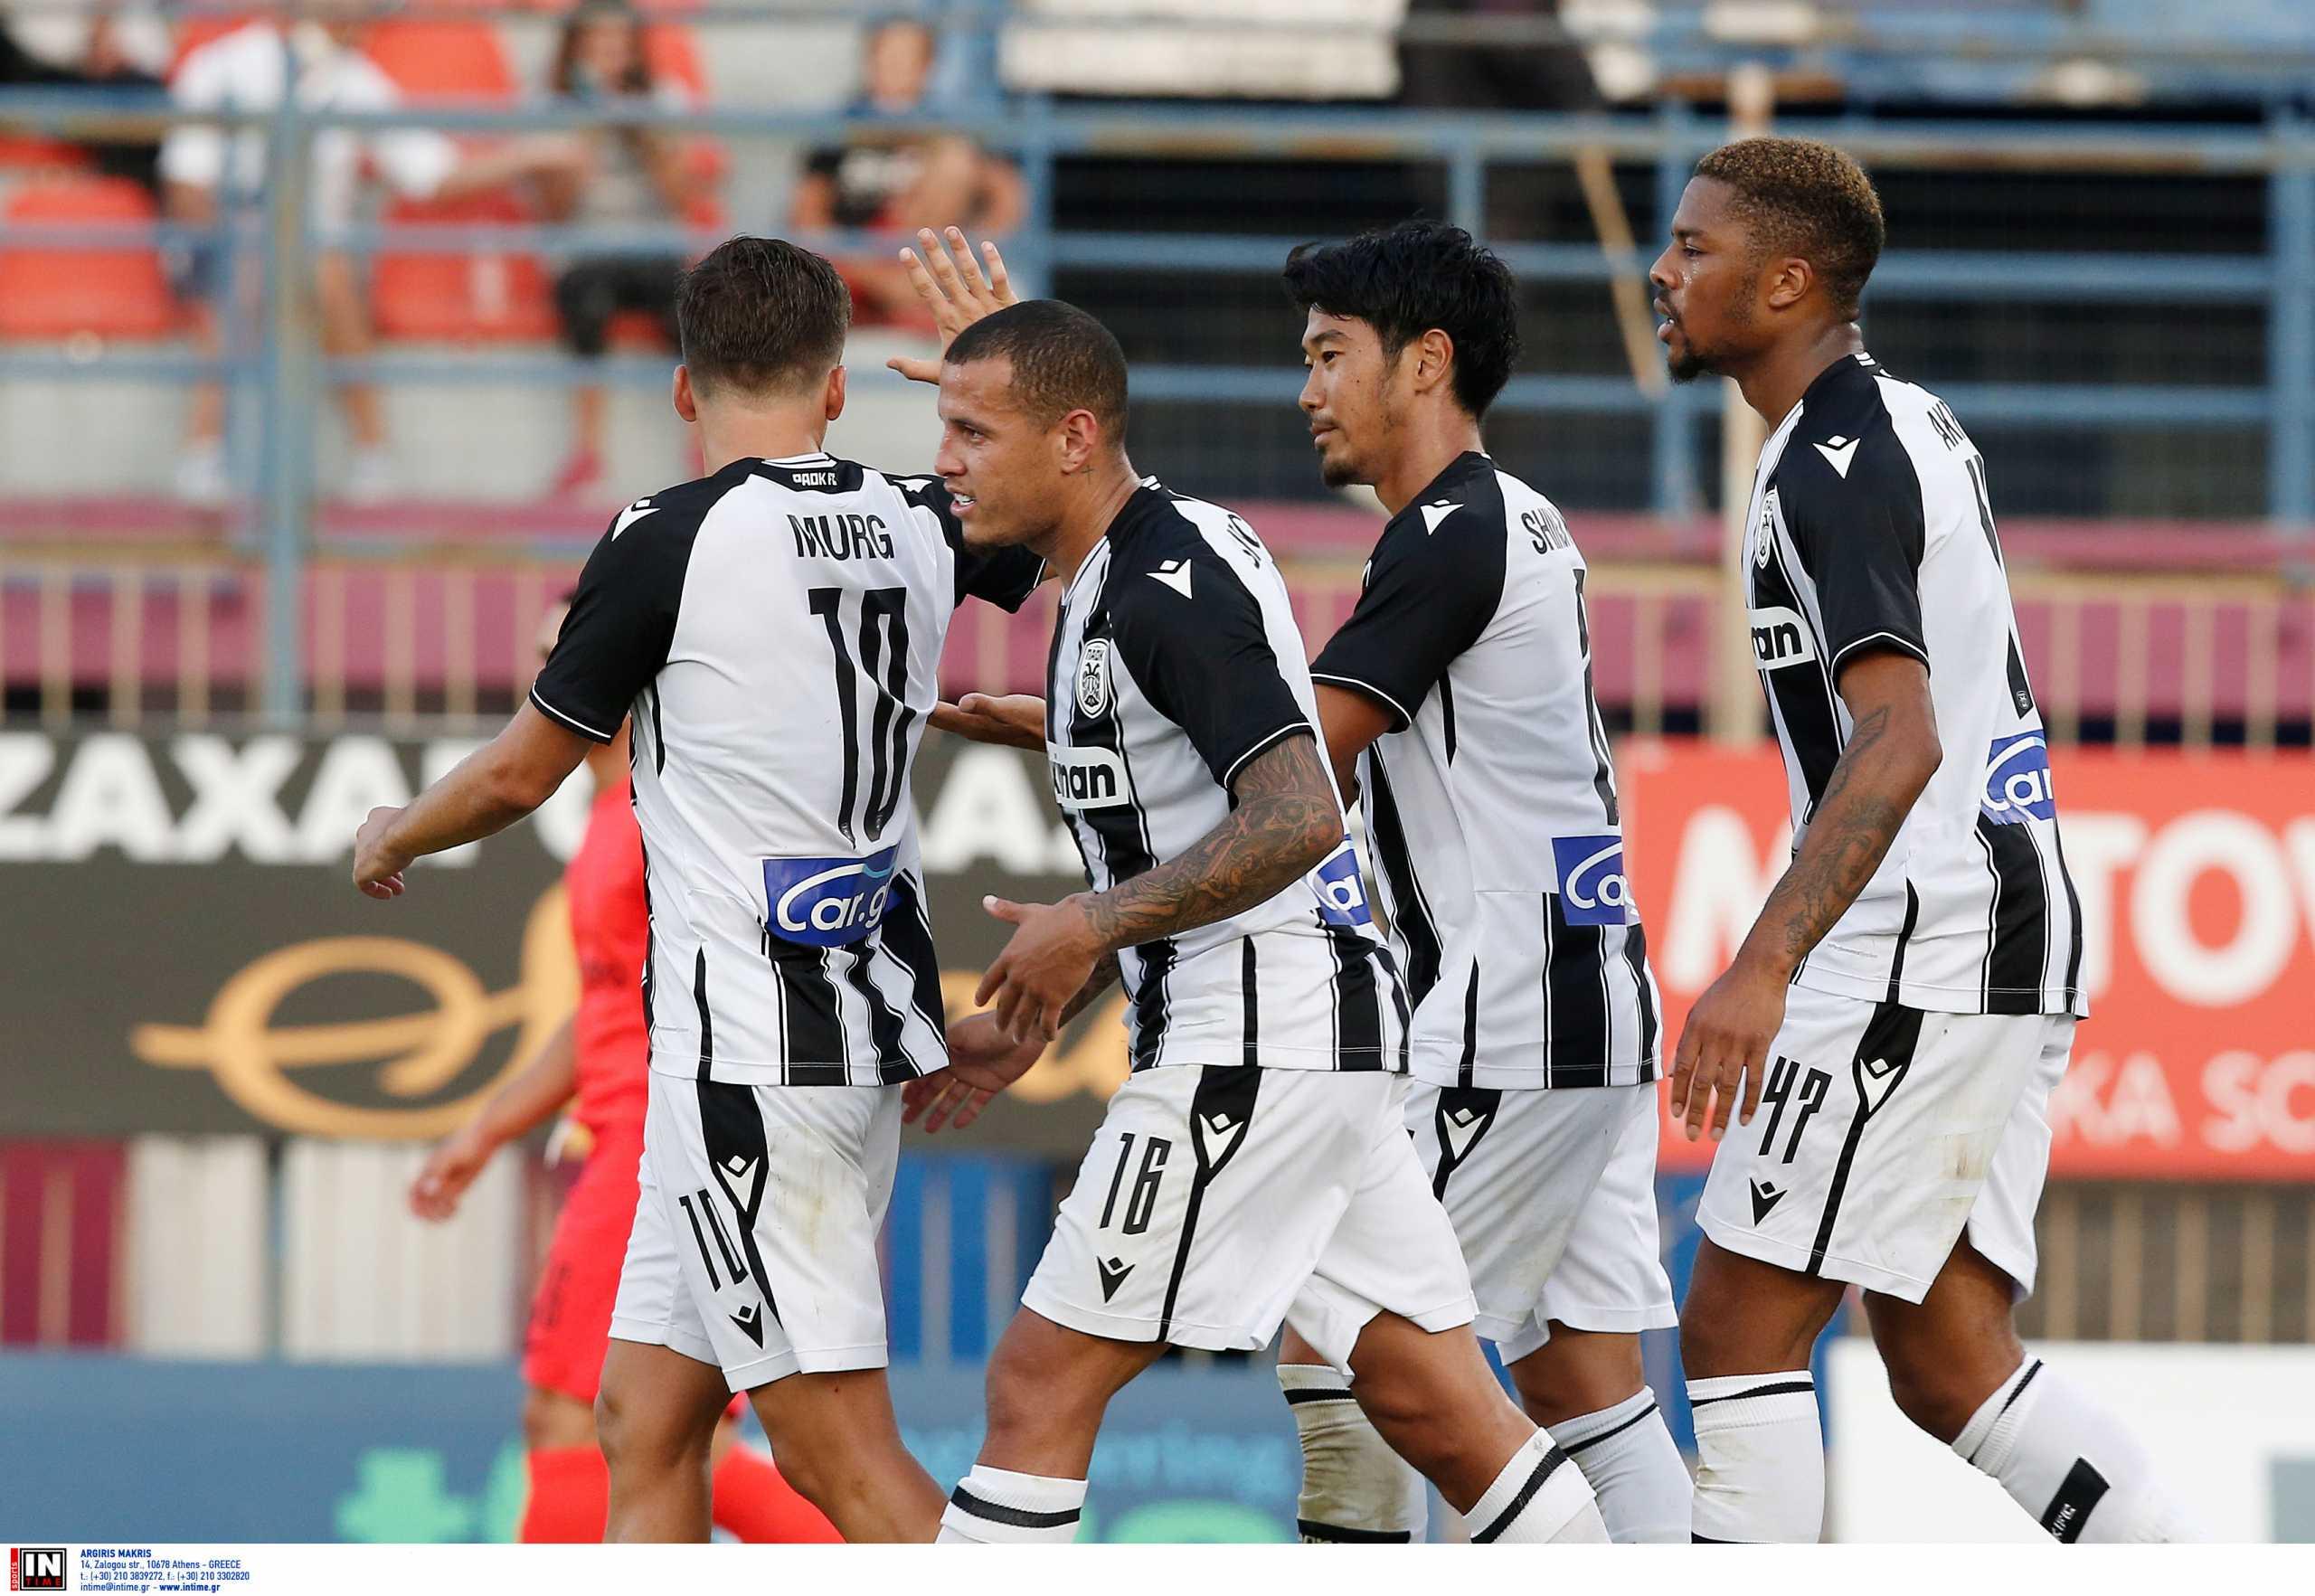 Βέροια – ΠΑΟΚ 0-1: Προβλημάτισε στο φιλικό, νίκησε από τη «βούλα» με Καγκάβα